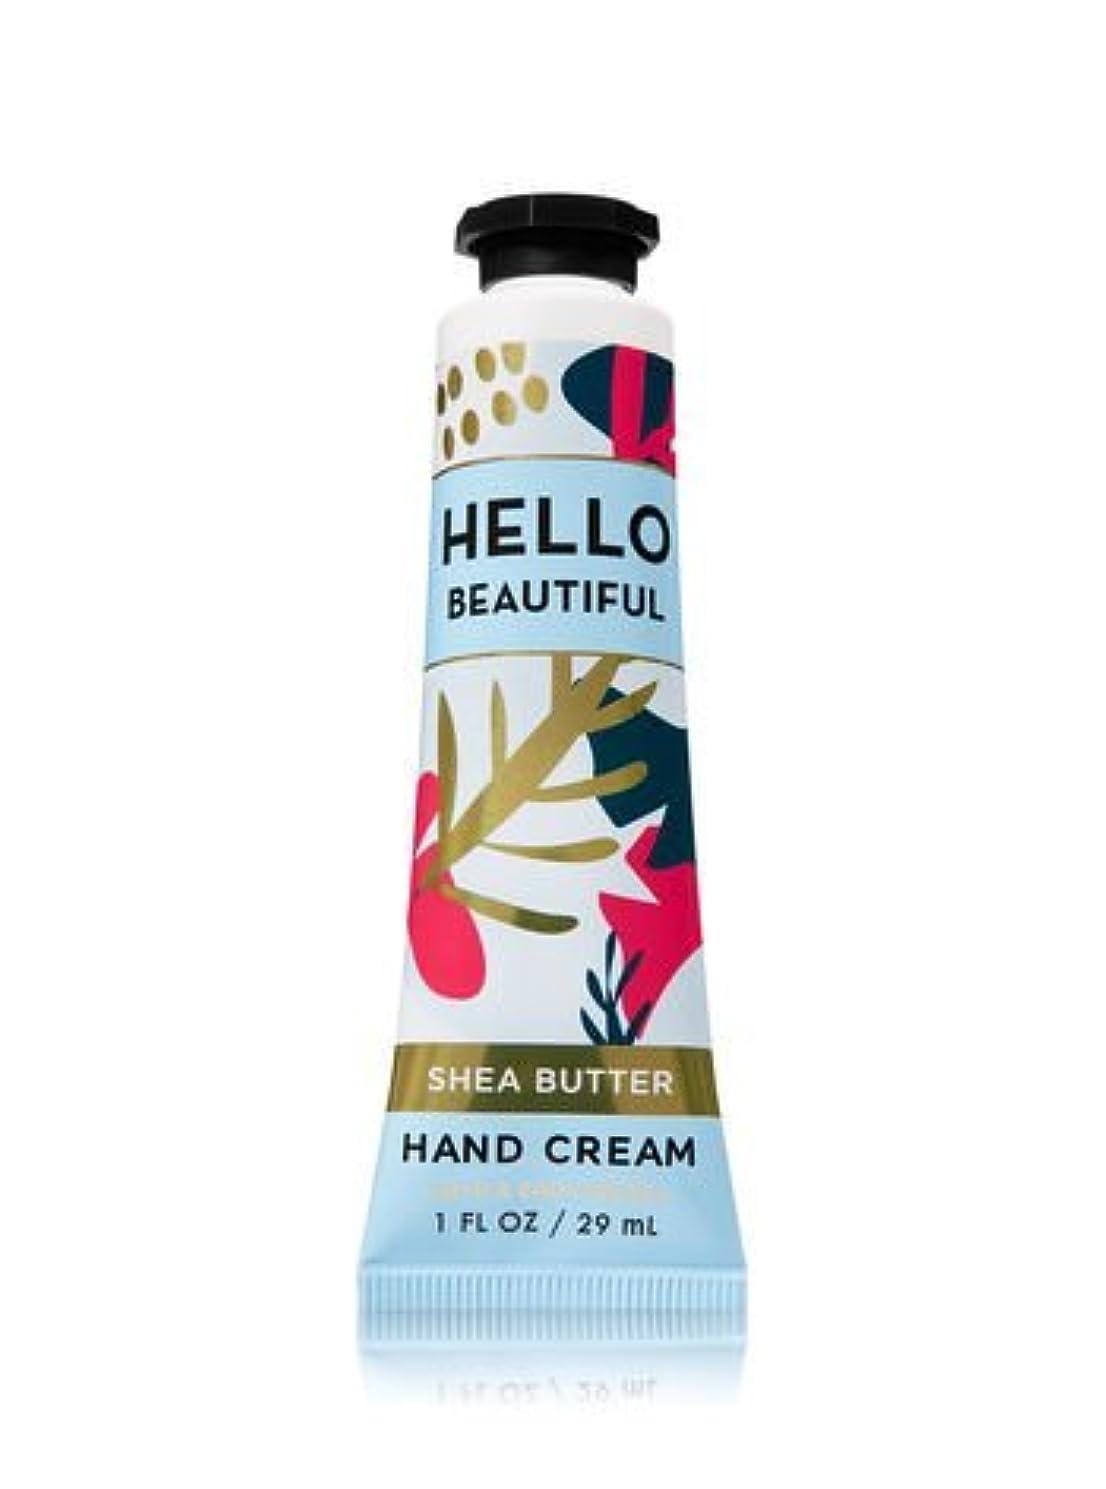 戦闘納税者気楽な【Bath&Body Works/バス&ボディワークス】 シアバター ハンドクリーム ハロービューティフル Shea Butter Hand Cream Hello Beautiful 1 fl oz / 29 mL [...